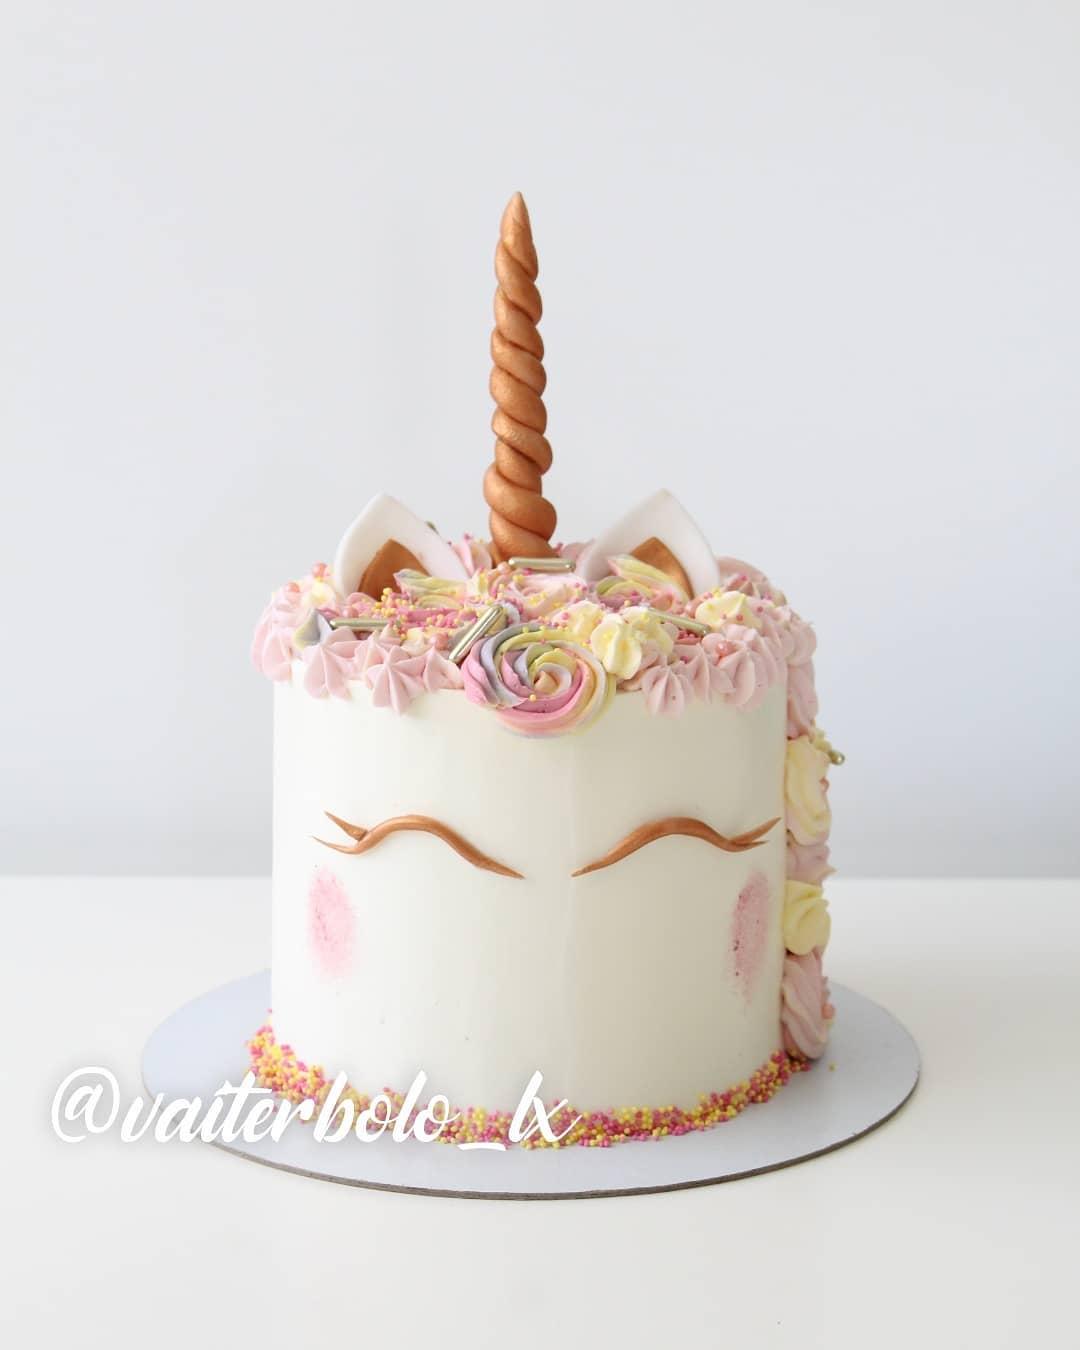 Aquela linda quinta-feira que todo mundo já sabe, é dia de #tbt!! Então venho com essa fofura que passou por aqui e eu ainda não o tinha colocado no meu feed, para deixá-lo mais lindo ainda do que já está! ..#vaiterbolohoje #almada #bolodecorado #buttercreamcake #birthdaycake #vaiterbolo #vaiterbolosim #bolo #cake #lisboapontocome #cakeart #lisboafood #buttercream #cakedesign #lisboa #ilovelisboa #cakedecorating #vaiterbololindo